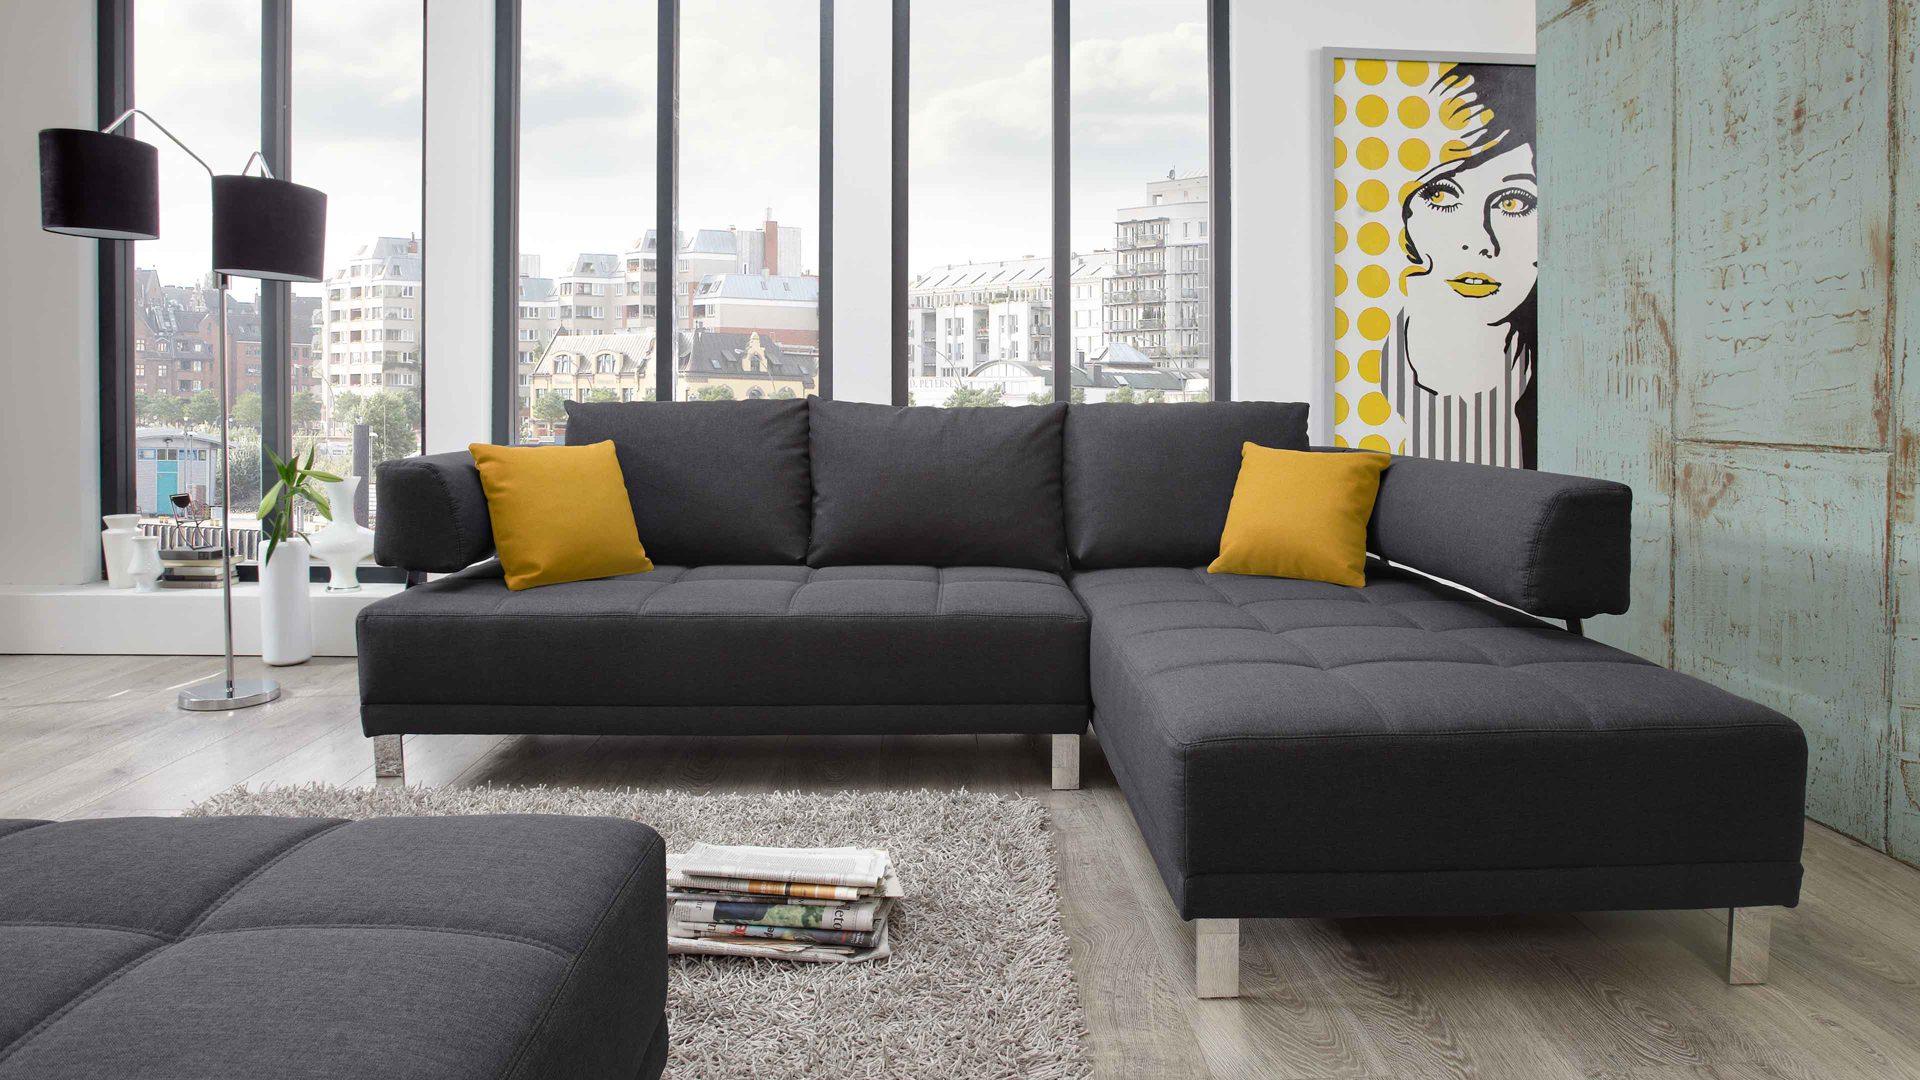 Sofa modern günstig  Wohnland Breitwieser | Sofas | Lounge-Ecksofa mit hochwertiger ...